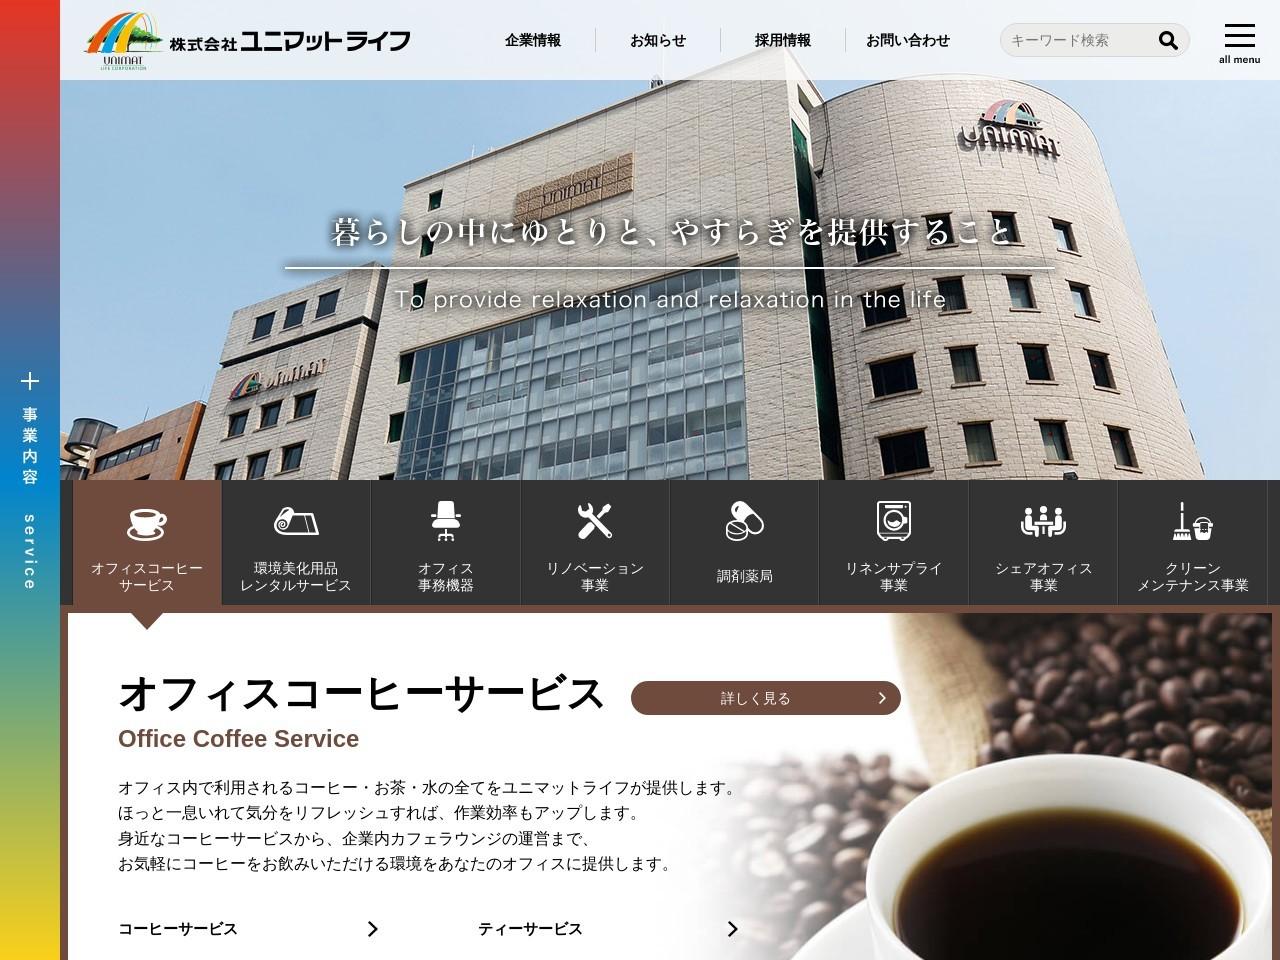 株式会社ユニマットライフ/仙台営業所